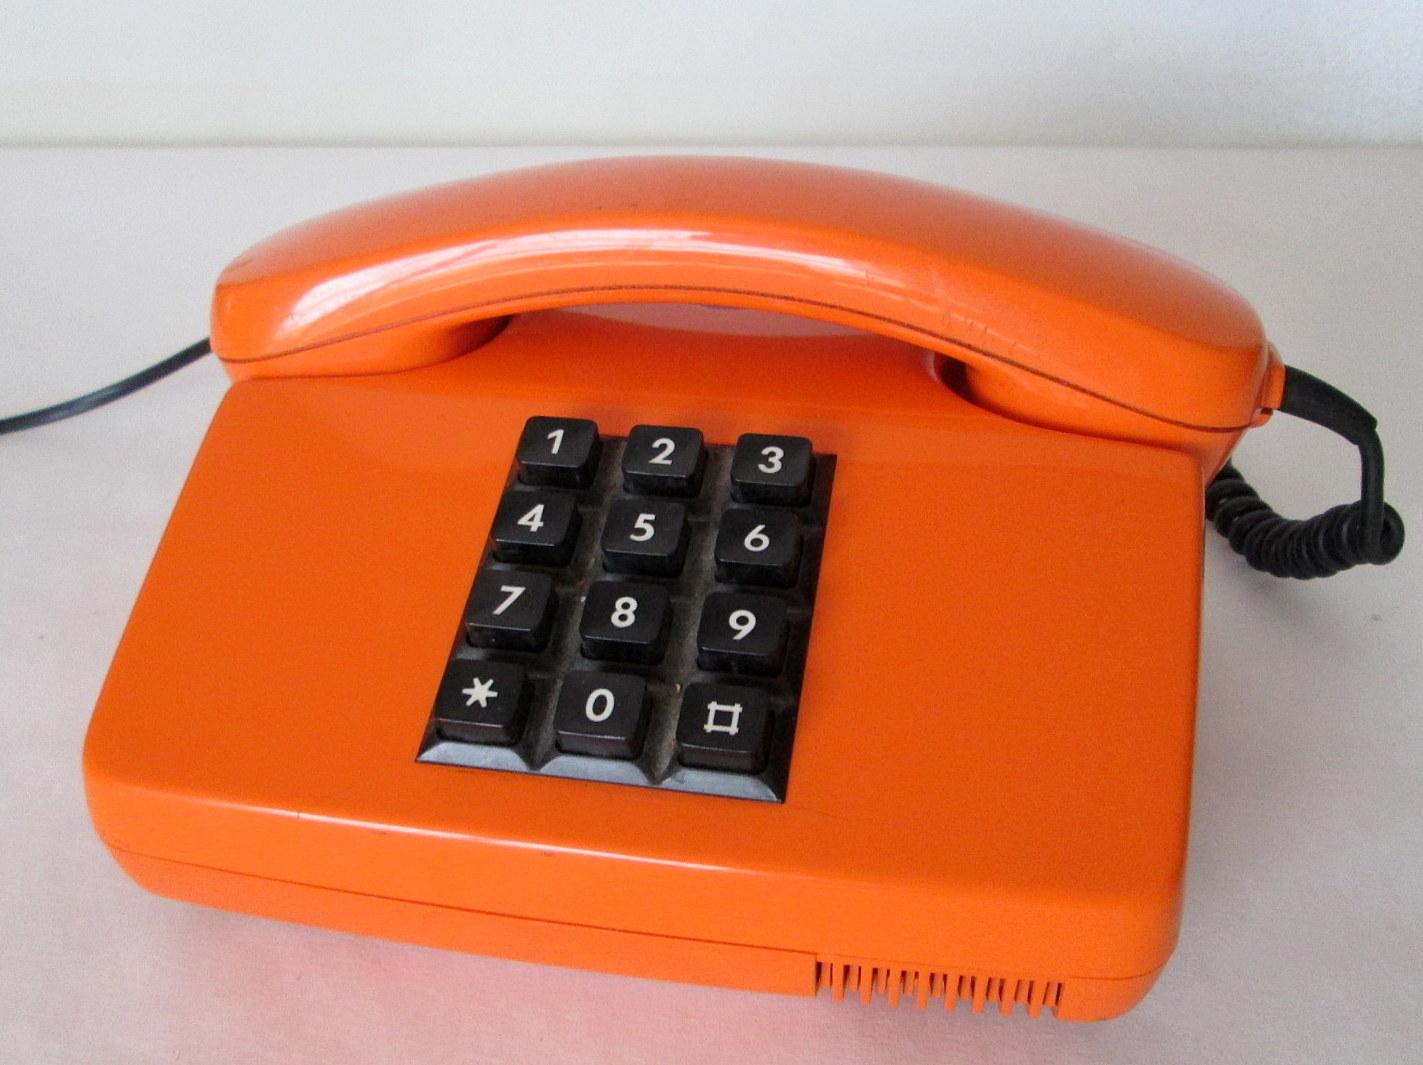 TELÉFONO VINTAGE NARANJA - ALEMANIA AÑOS 70